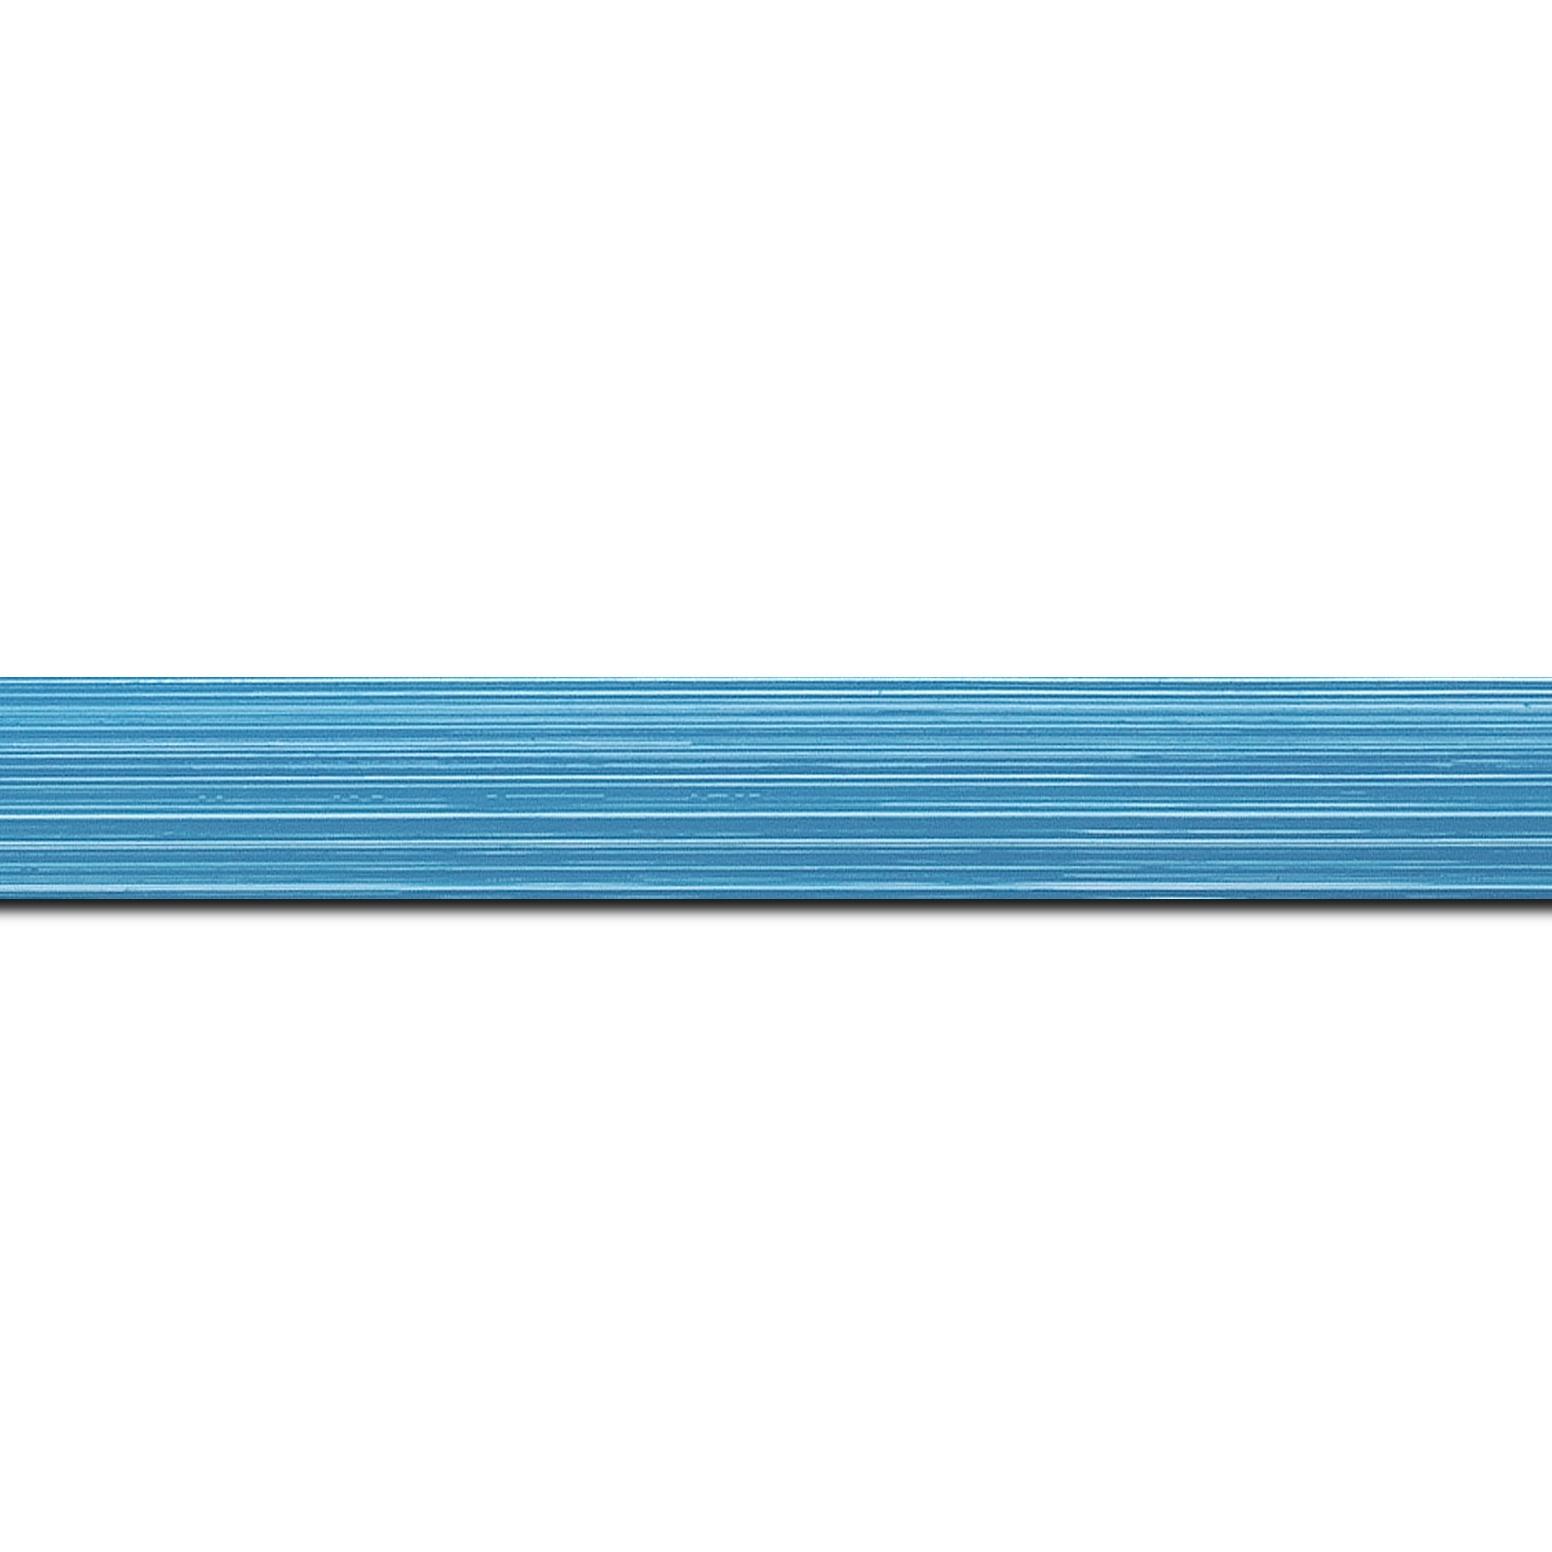 Baguette longueur 1.40m bois profil concave largeur 2.4cm couleur bleu clair effet matière fond blanc